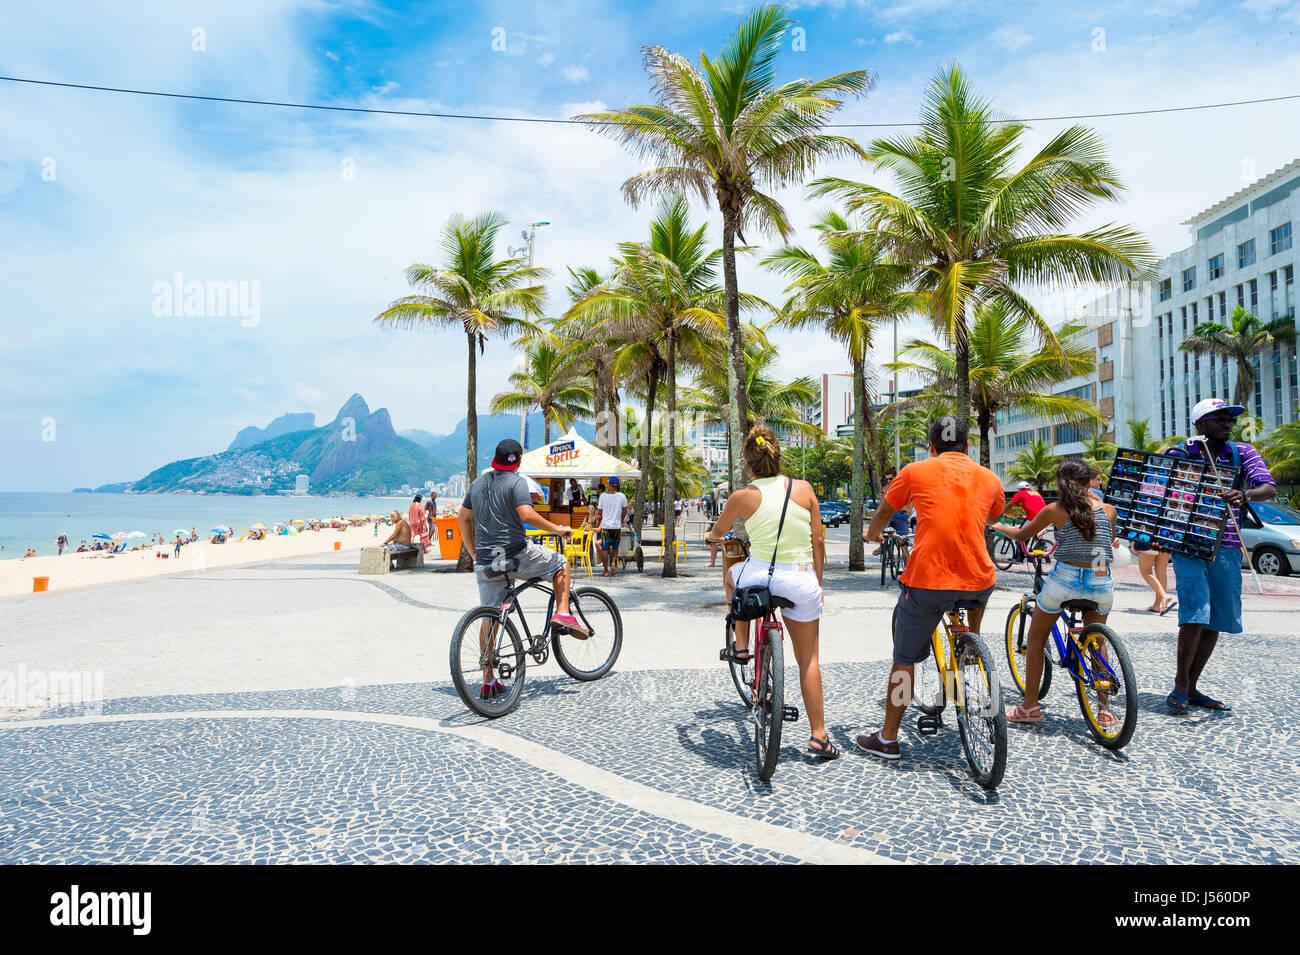 RIO DE JANEIRO - 1 février 2017: un groupe de visiteurs à la plage d'Ipanema arrêter leurs Photo Stock